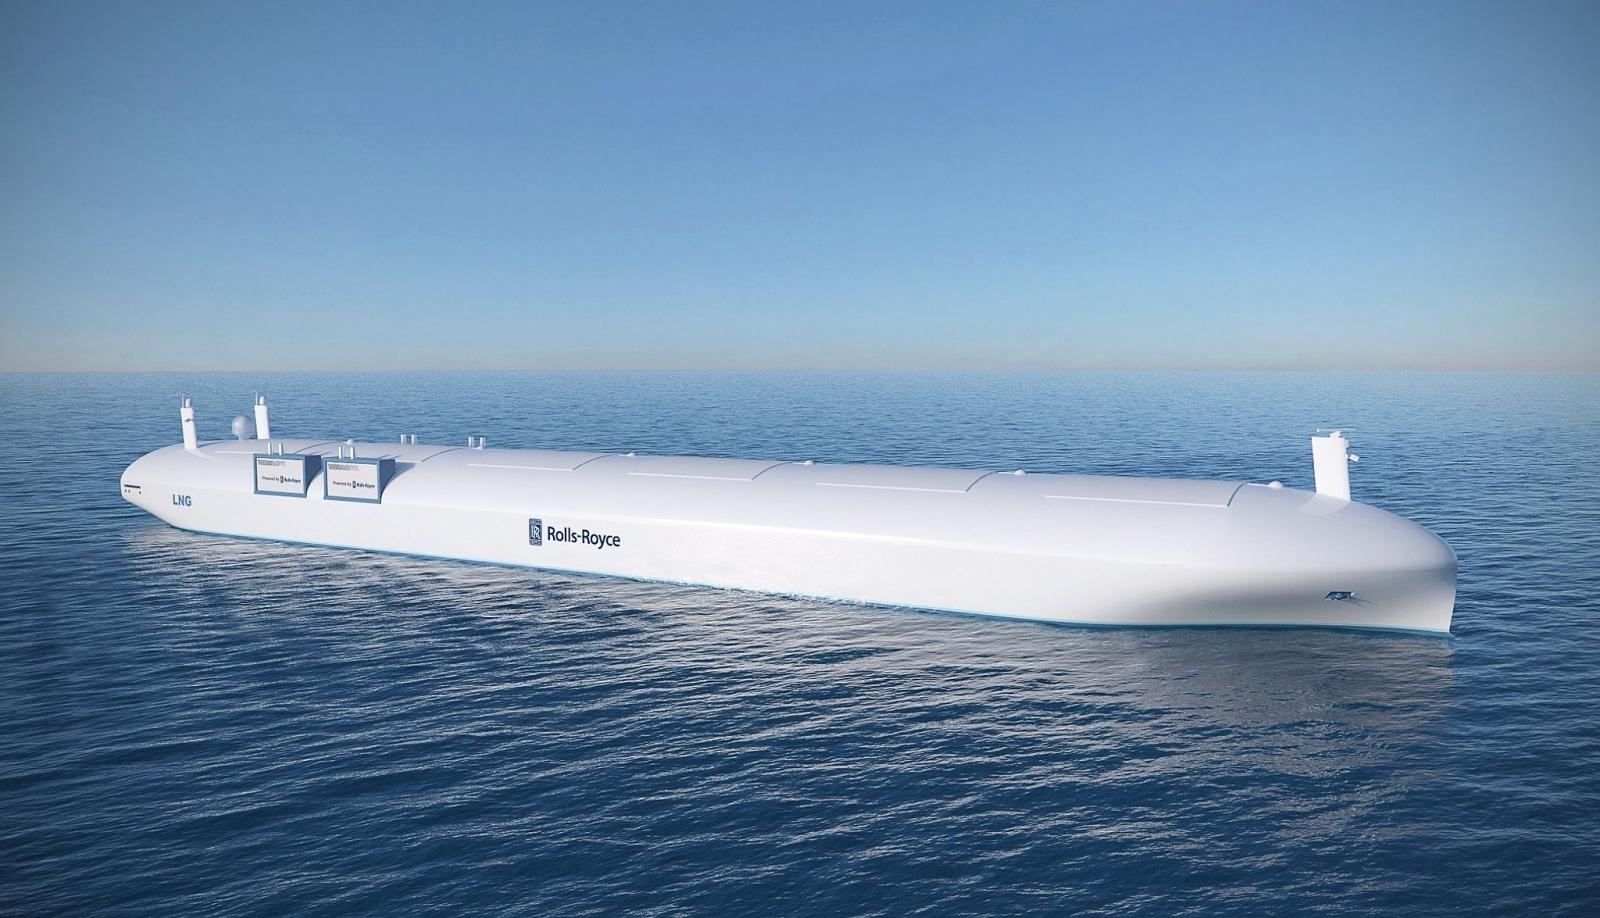 Rolls-Royce autonomous robot ship